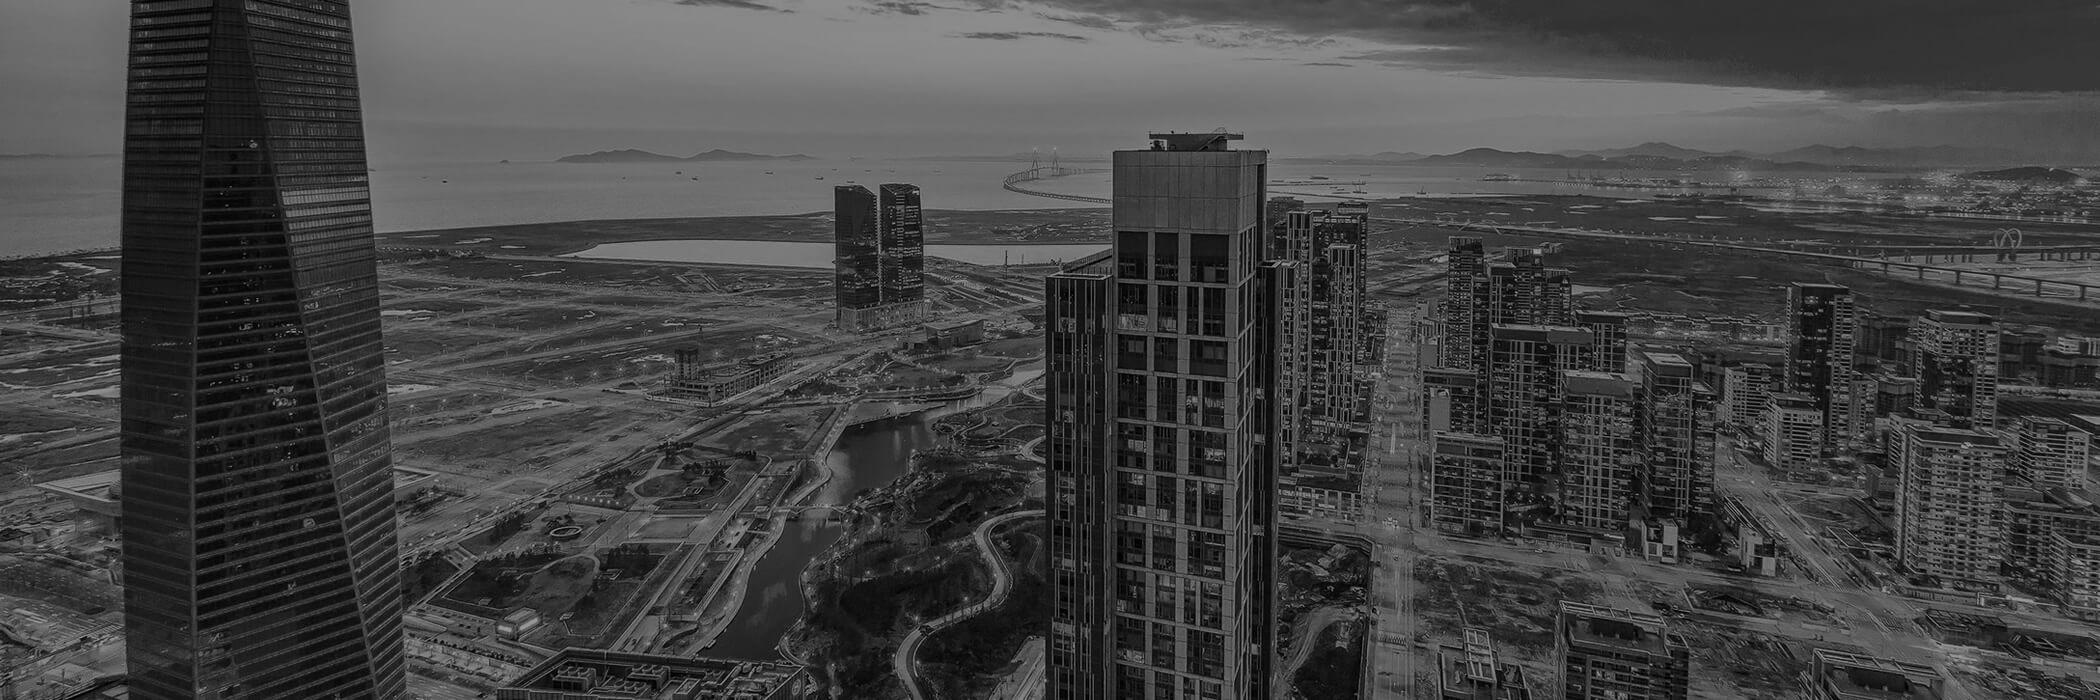 Fundo de tela de Dubai em Preto e Branco